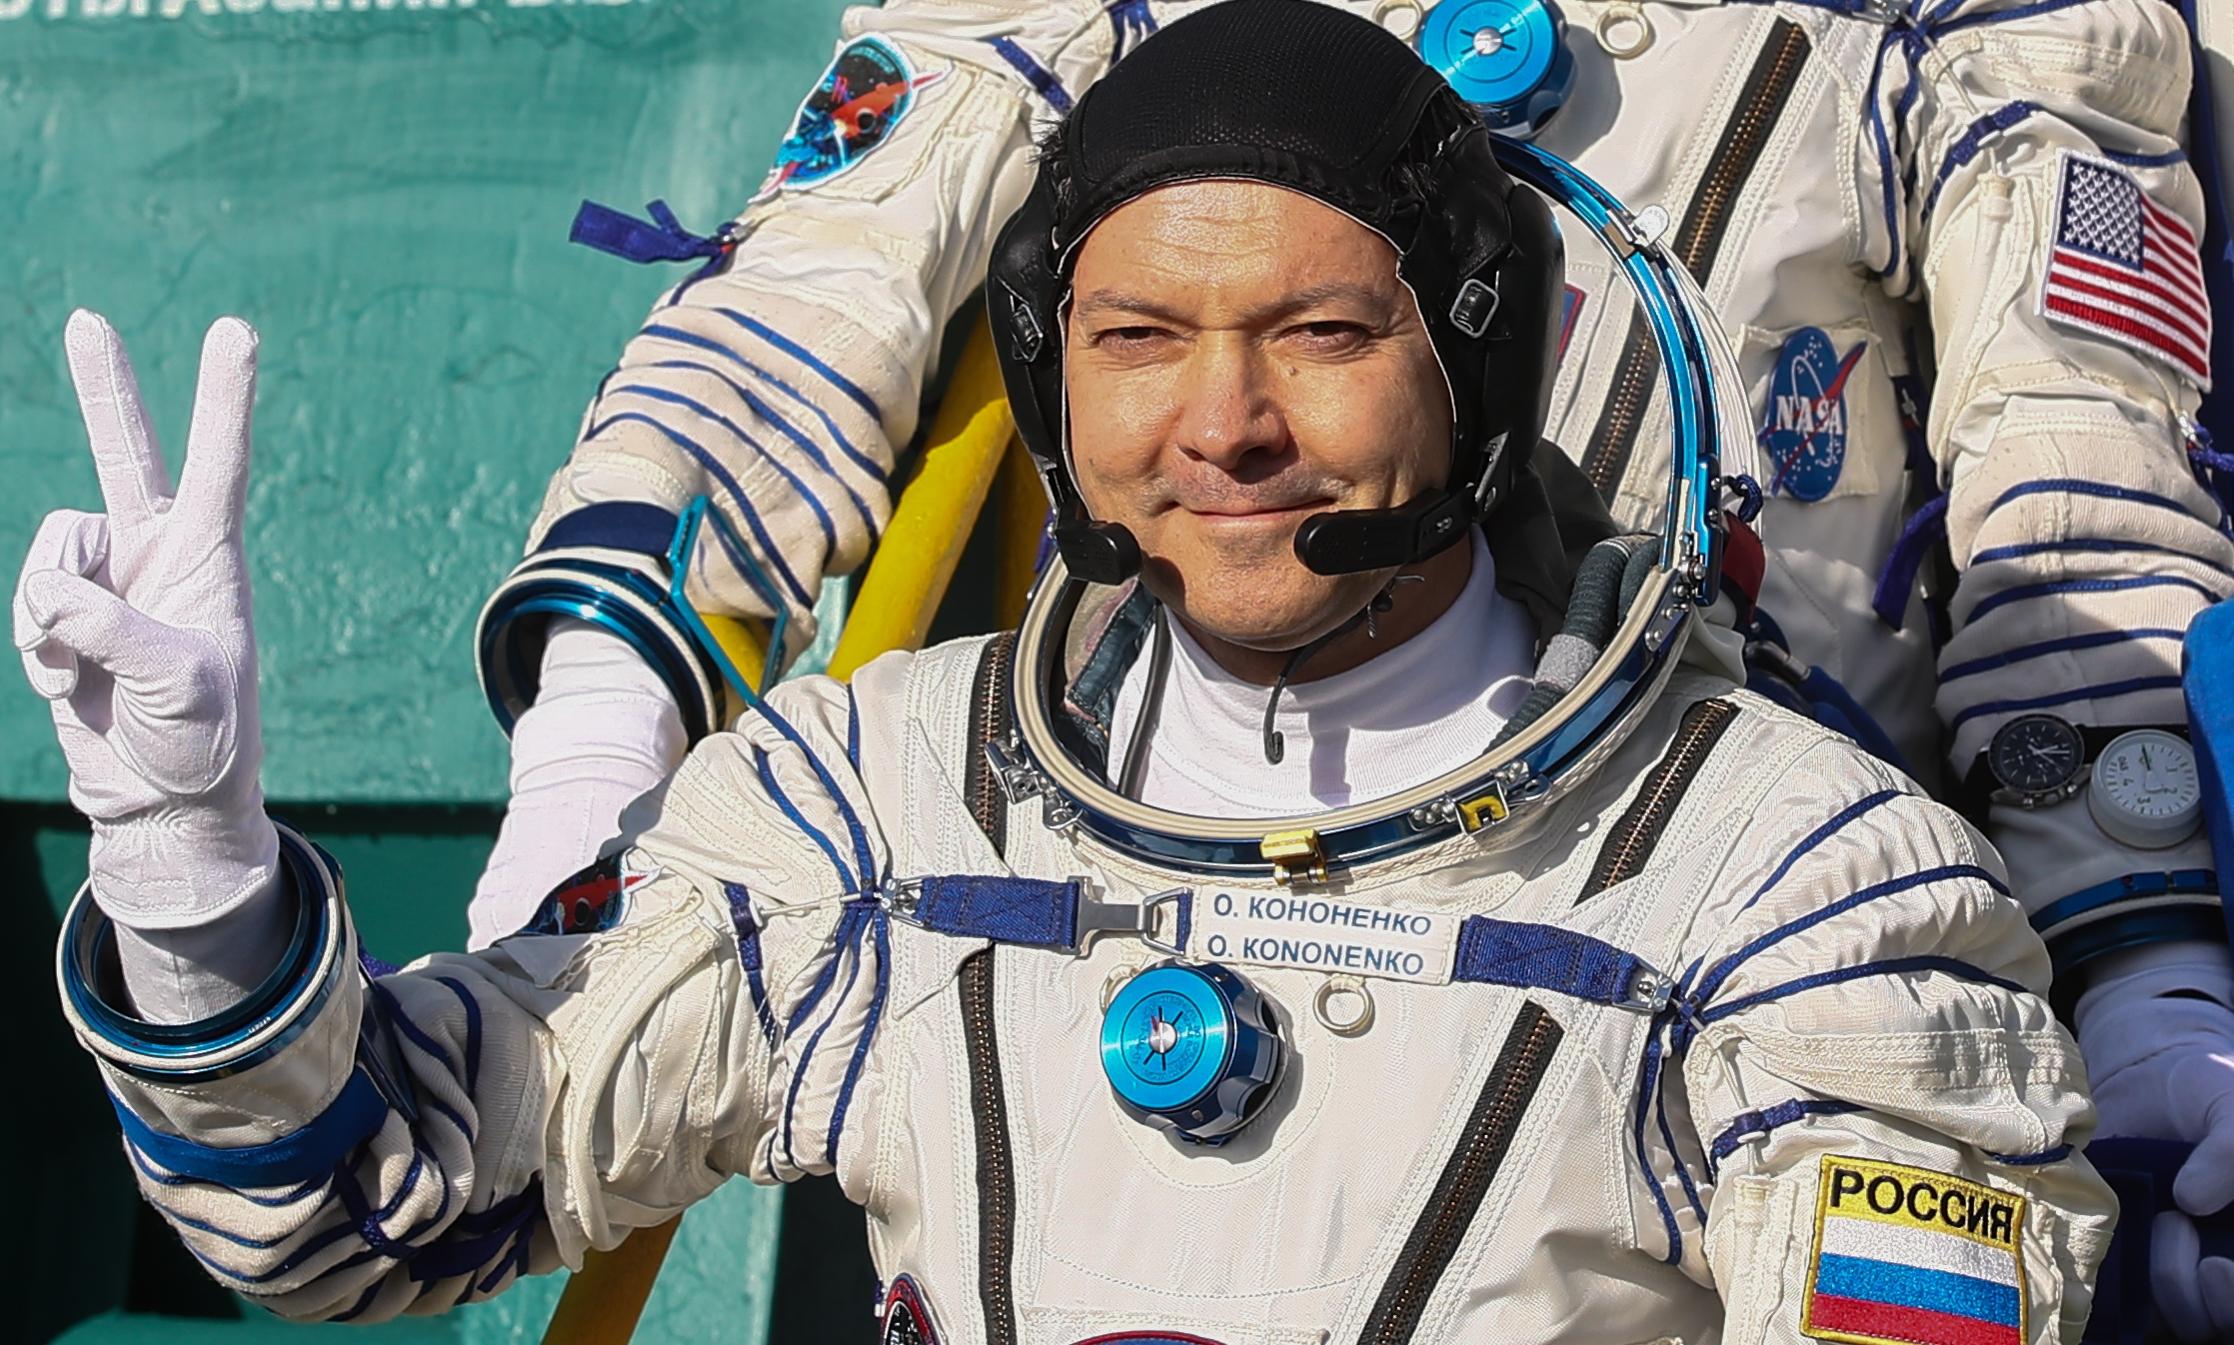 Idén nem kap ajándékot a Nemzetközi Űrállomáson dolgozó orosz űrhajós